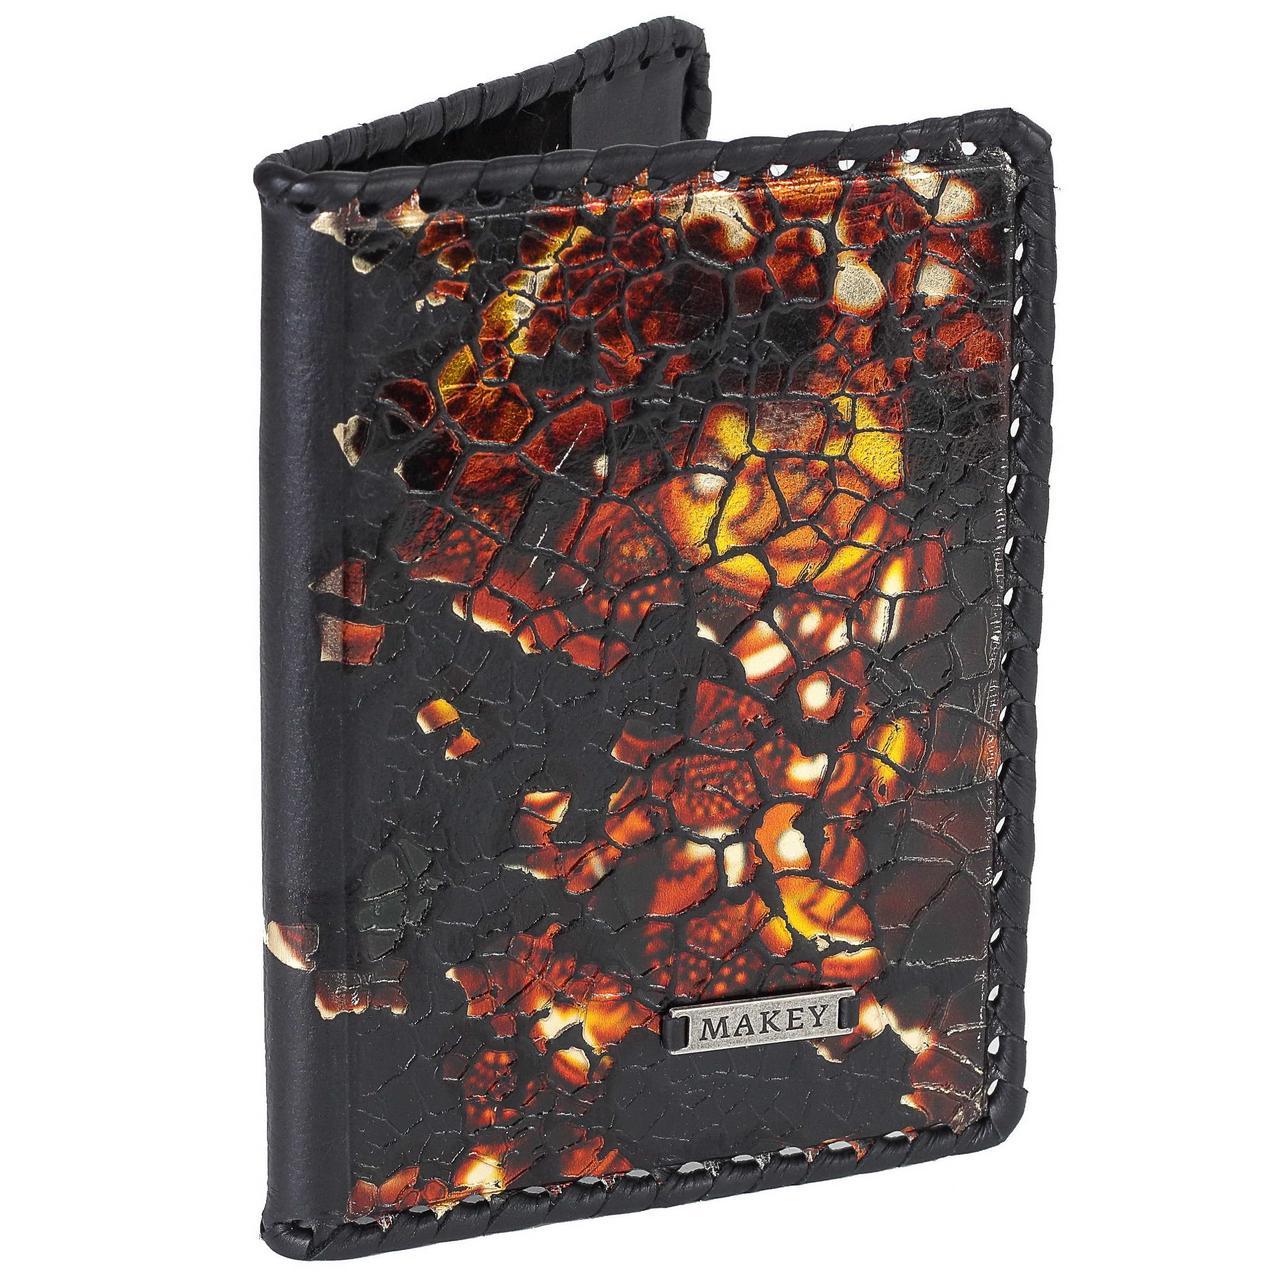 """Обложка на паспорт кожаная с ручной оплеткой """"Феникс"""" (Makey)"""